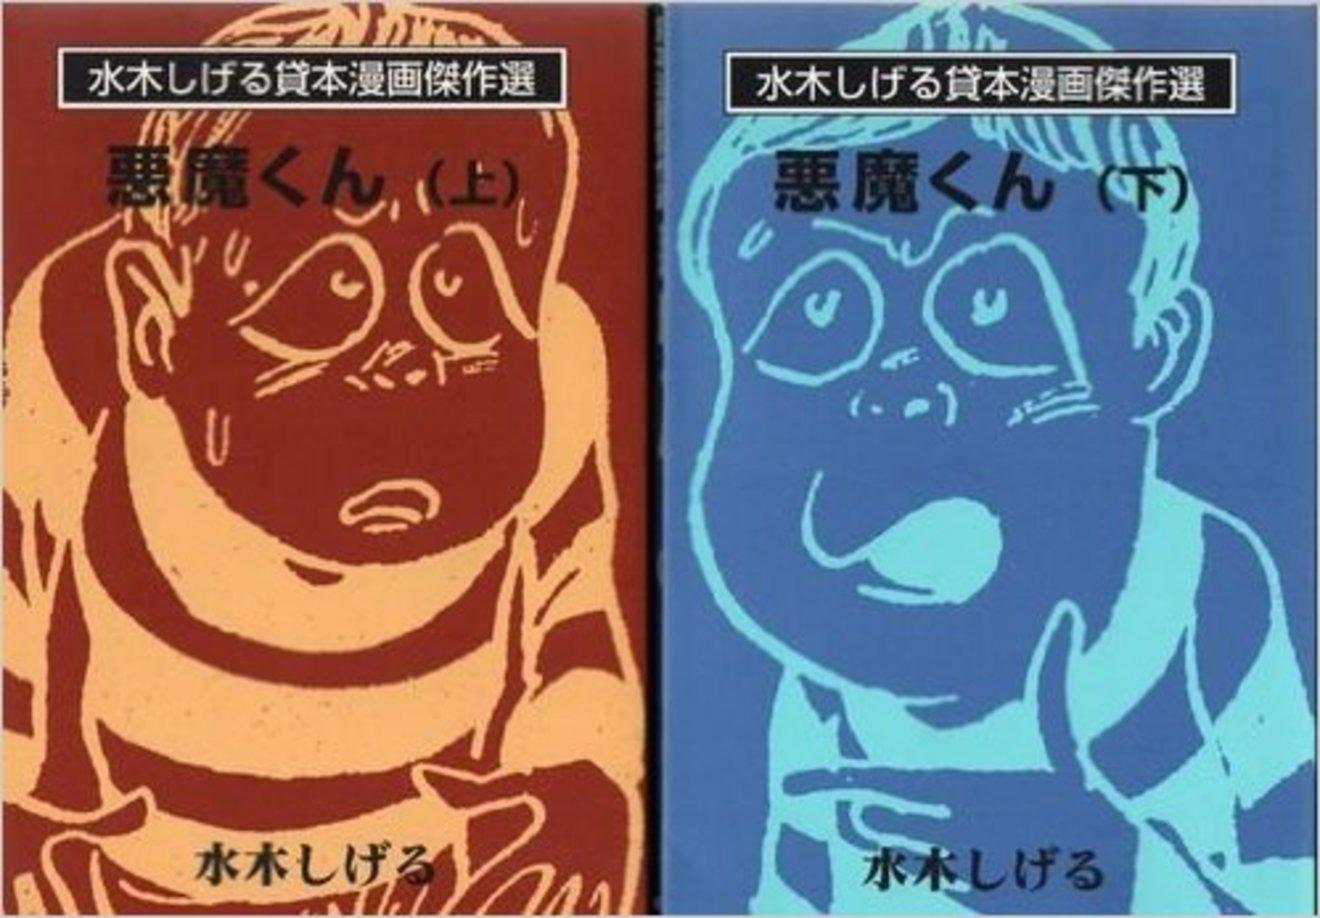 水木しげるの名作おすすめ漫画ランキングベスト5!